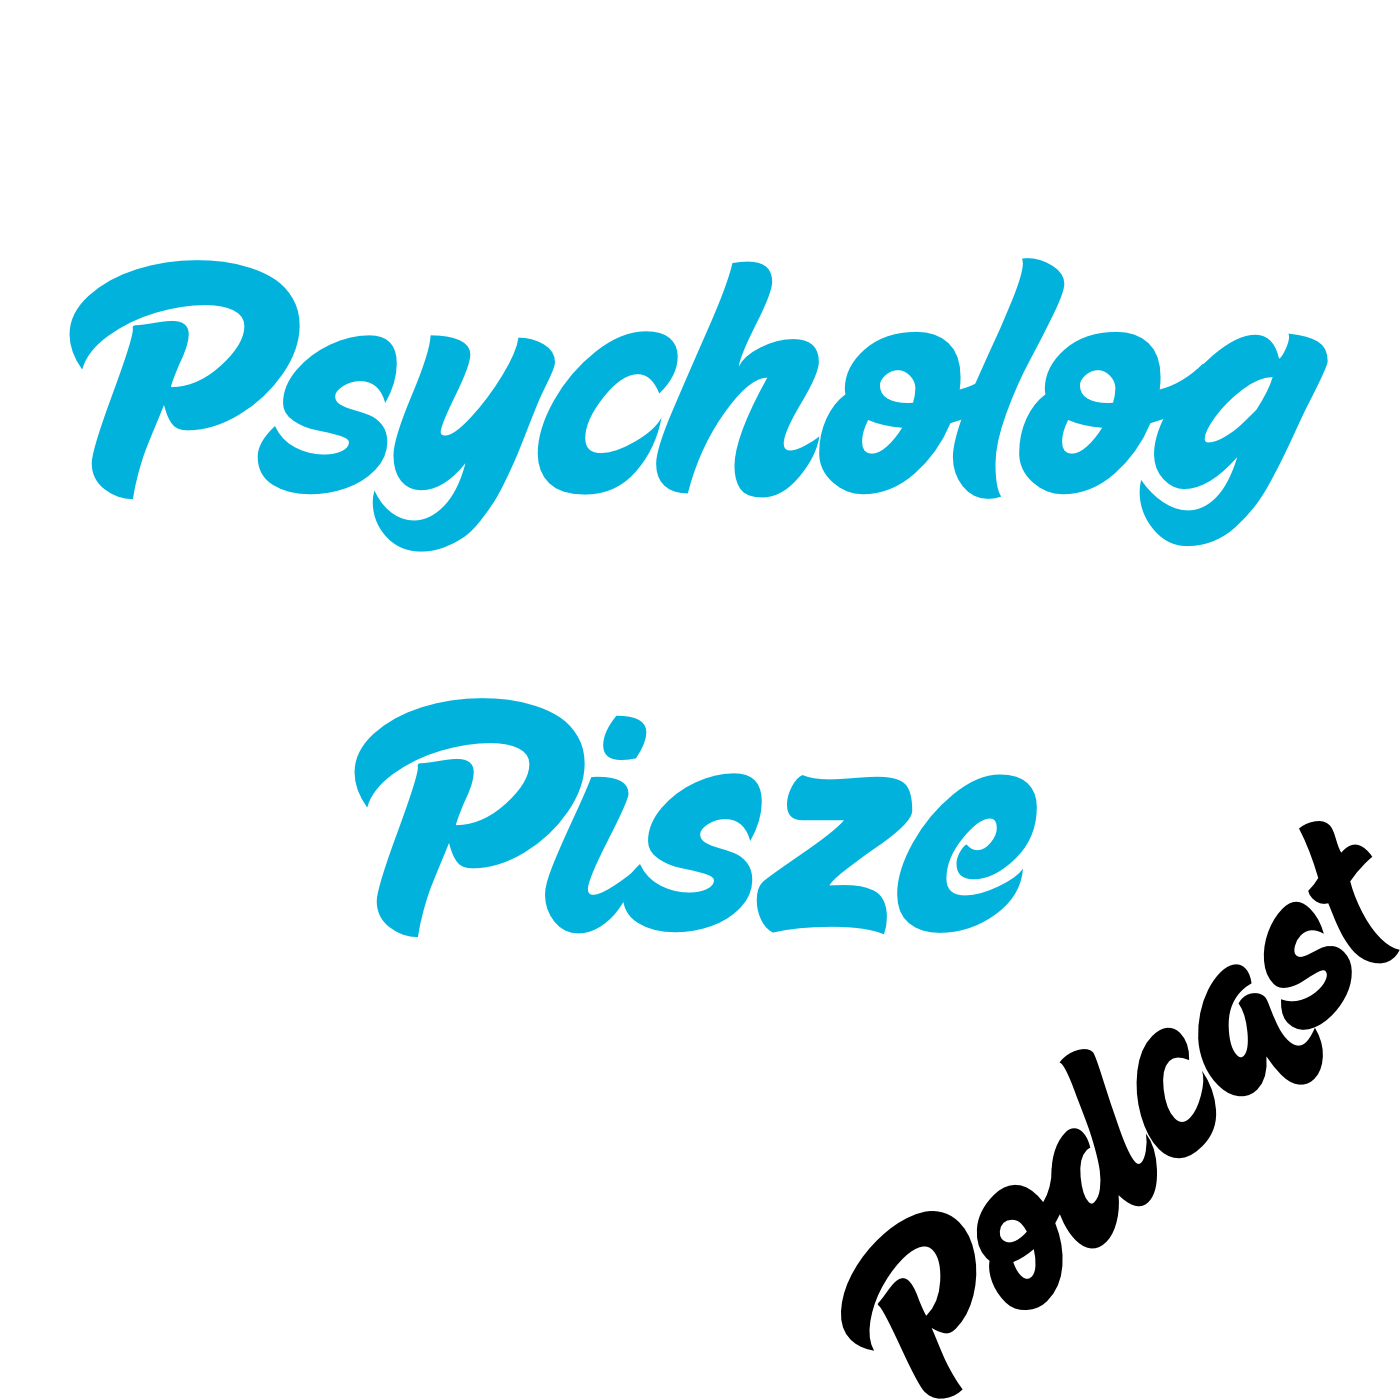 PsychologPisze